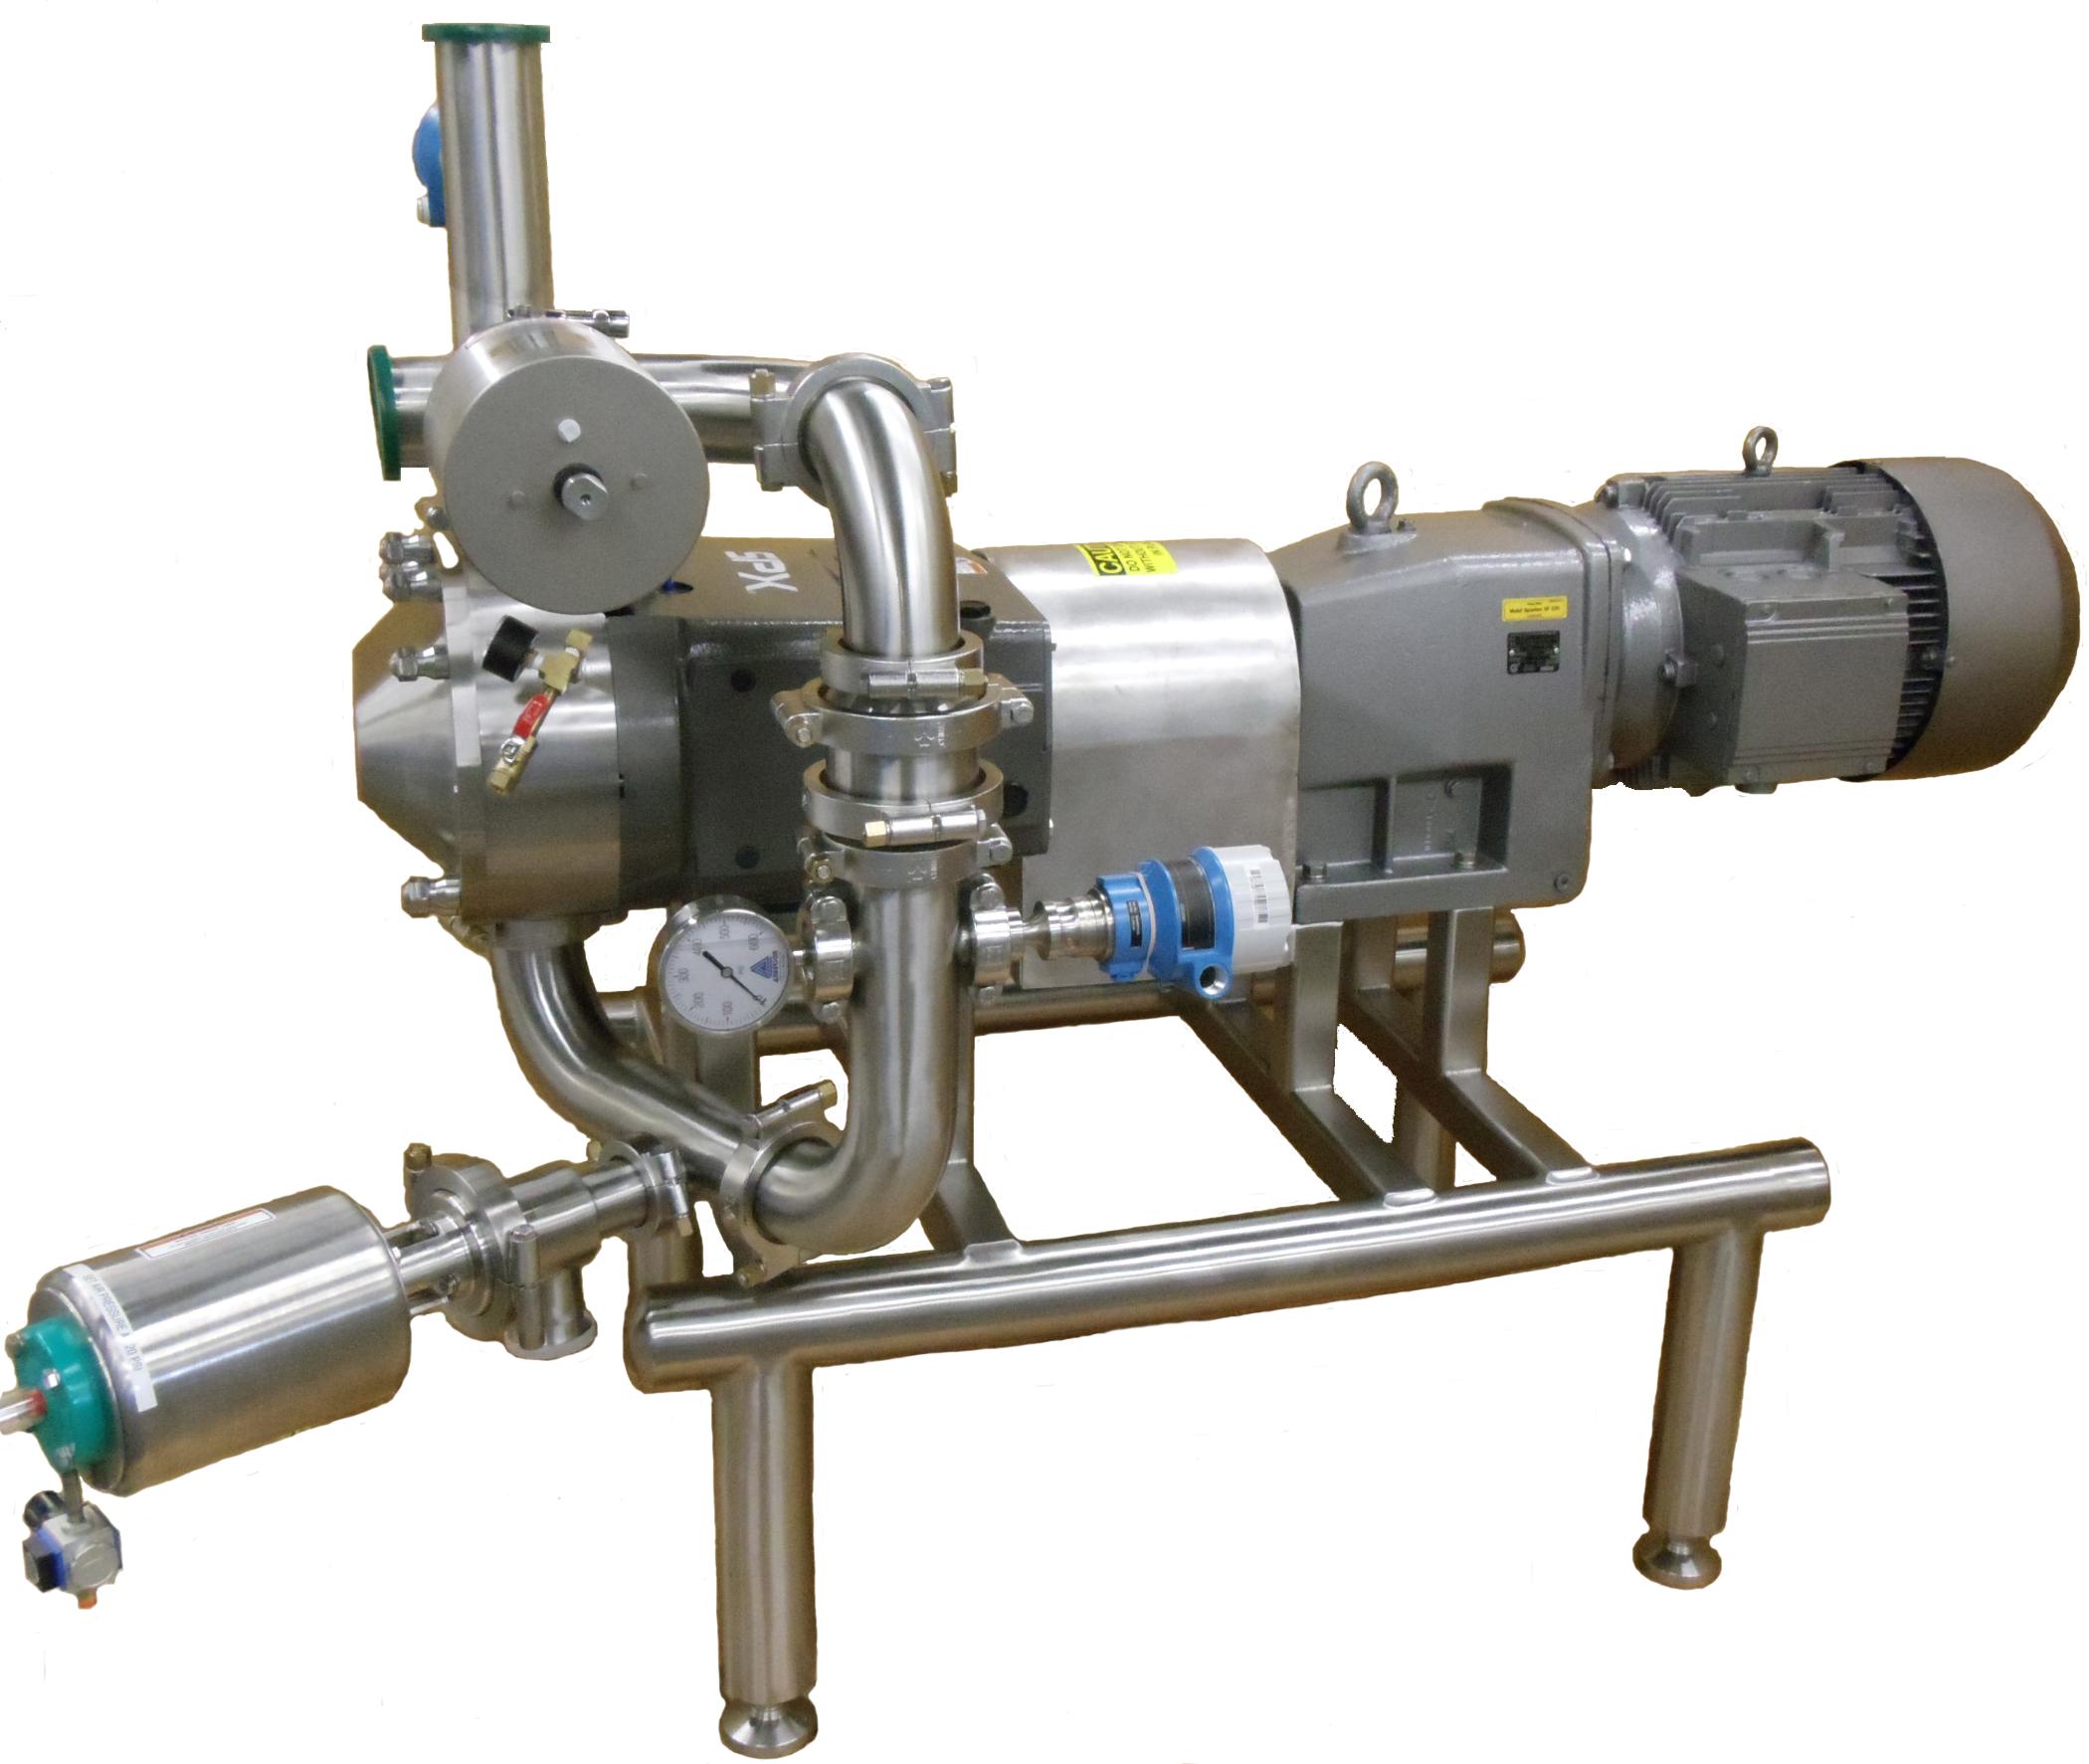 Pumping Skid using Waukesha pump